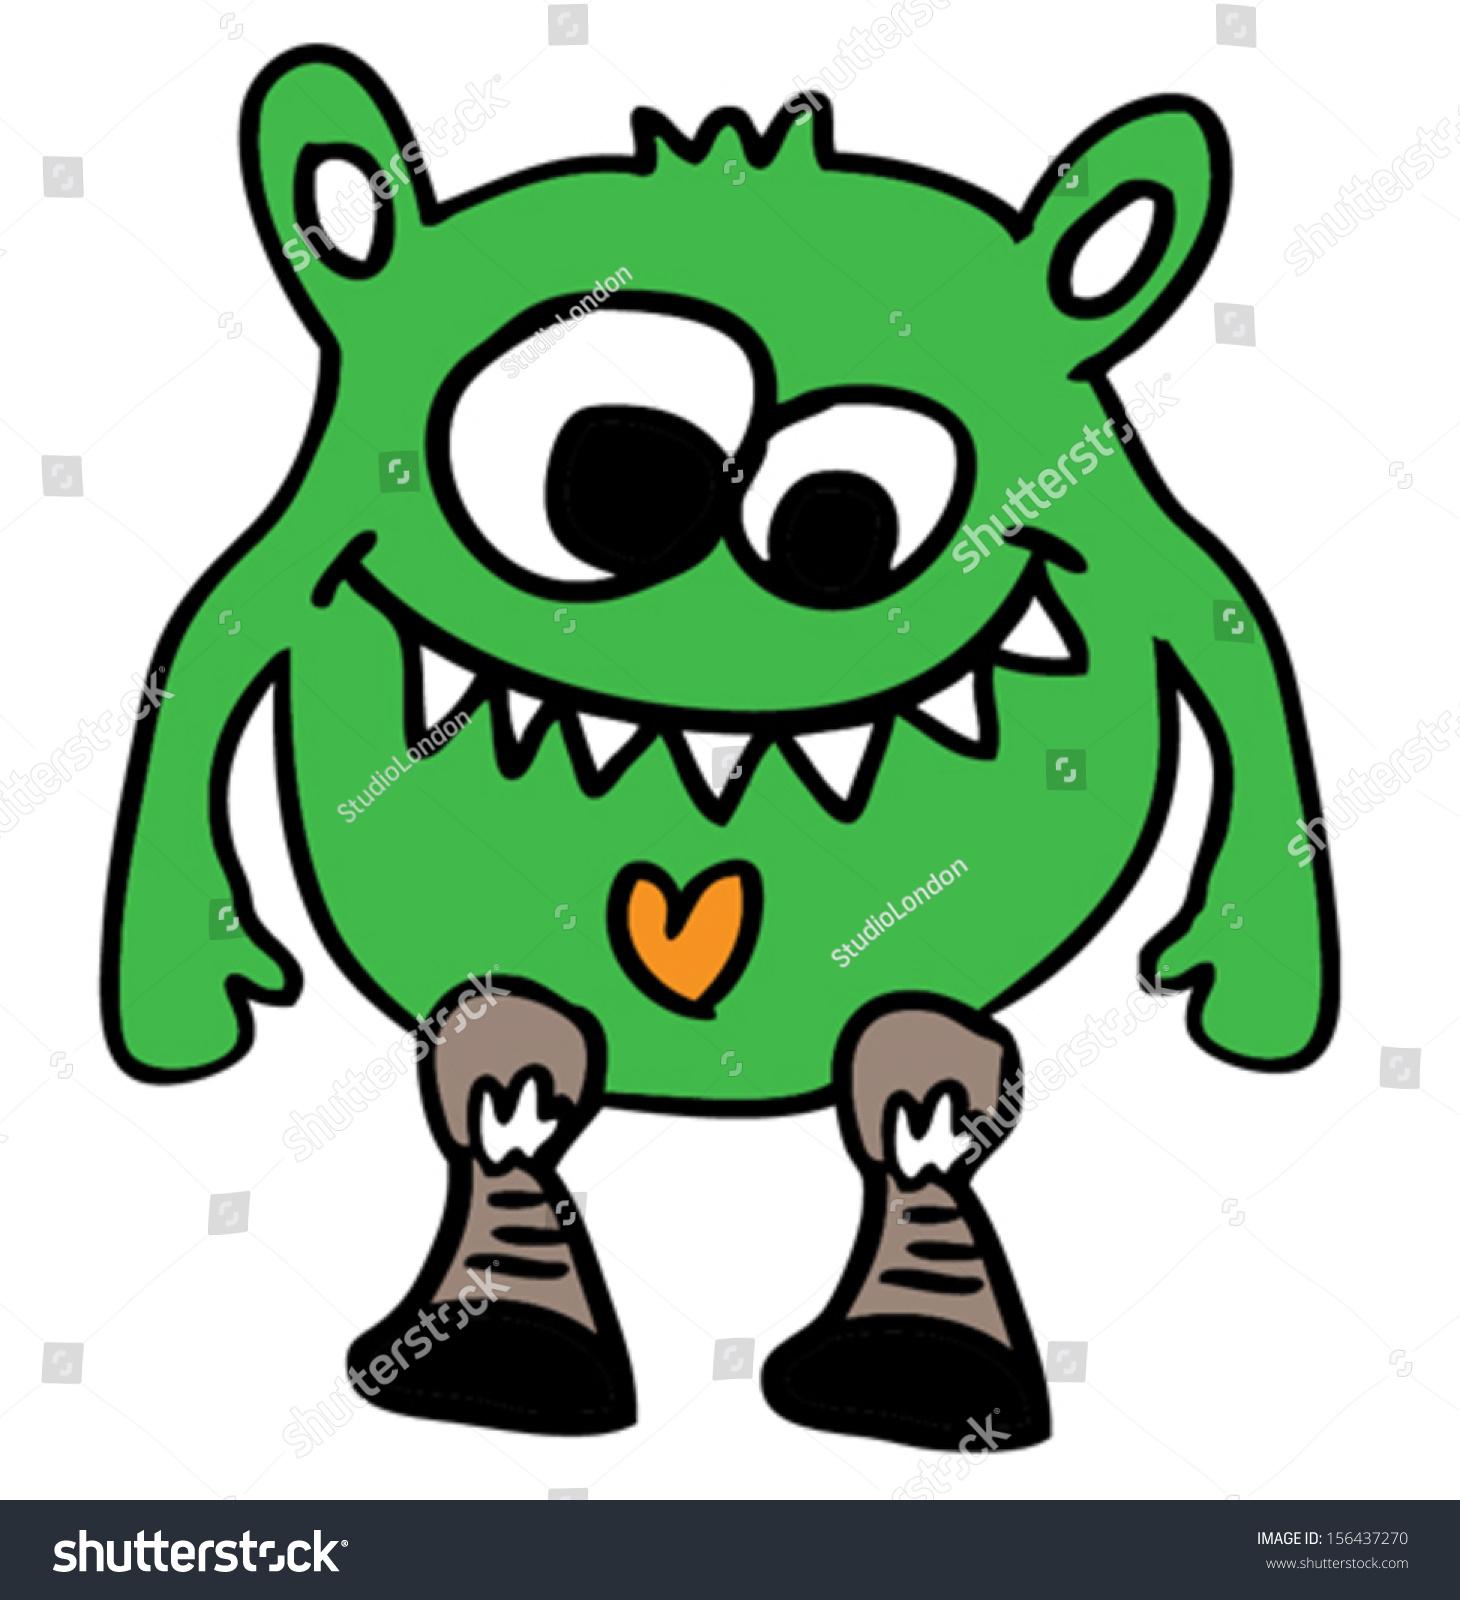 Cartoon Character Design For Tarpaulin : Cute monstertshirt graphicscute cartoon characterscute